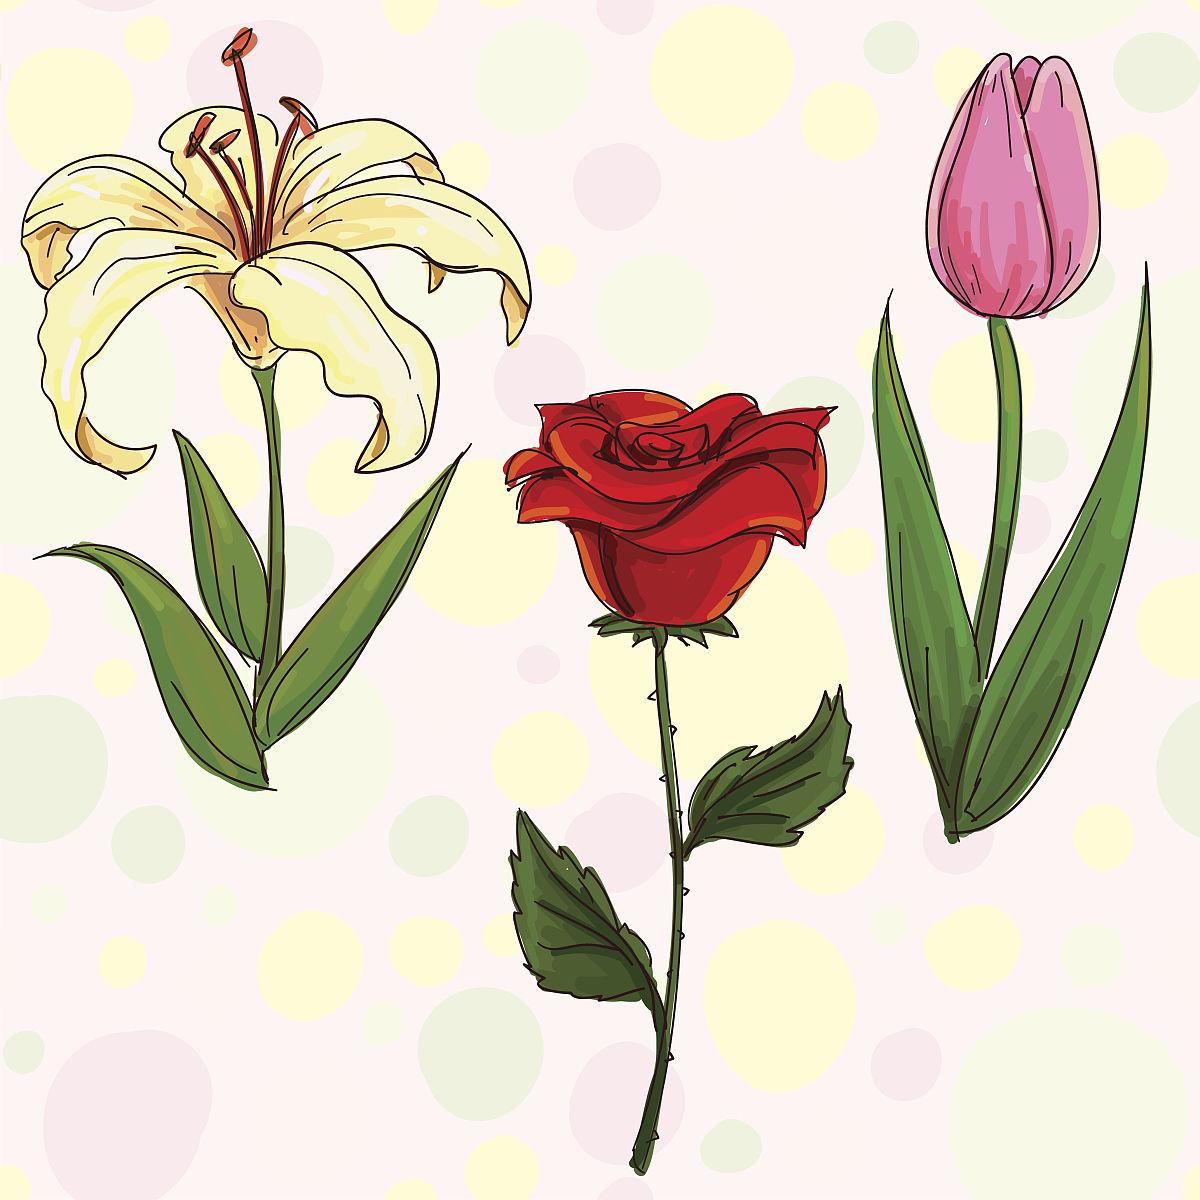 手绘花卉花卉素描图片大全素描花卉铅笔画手绘